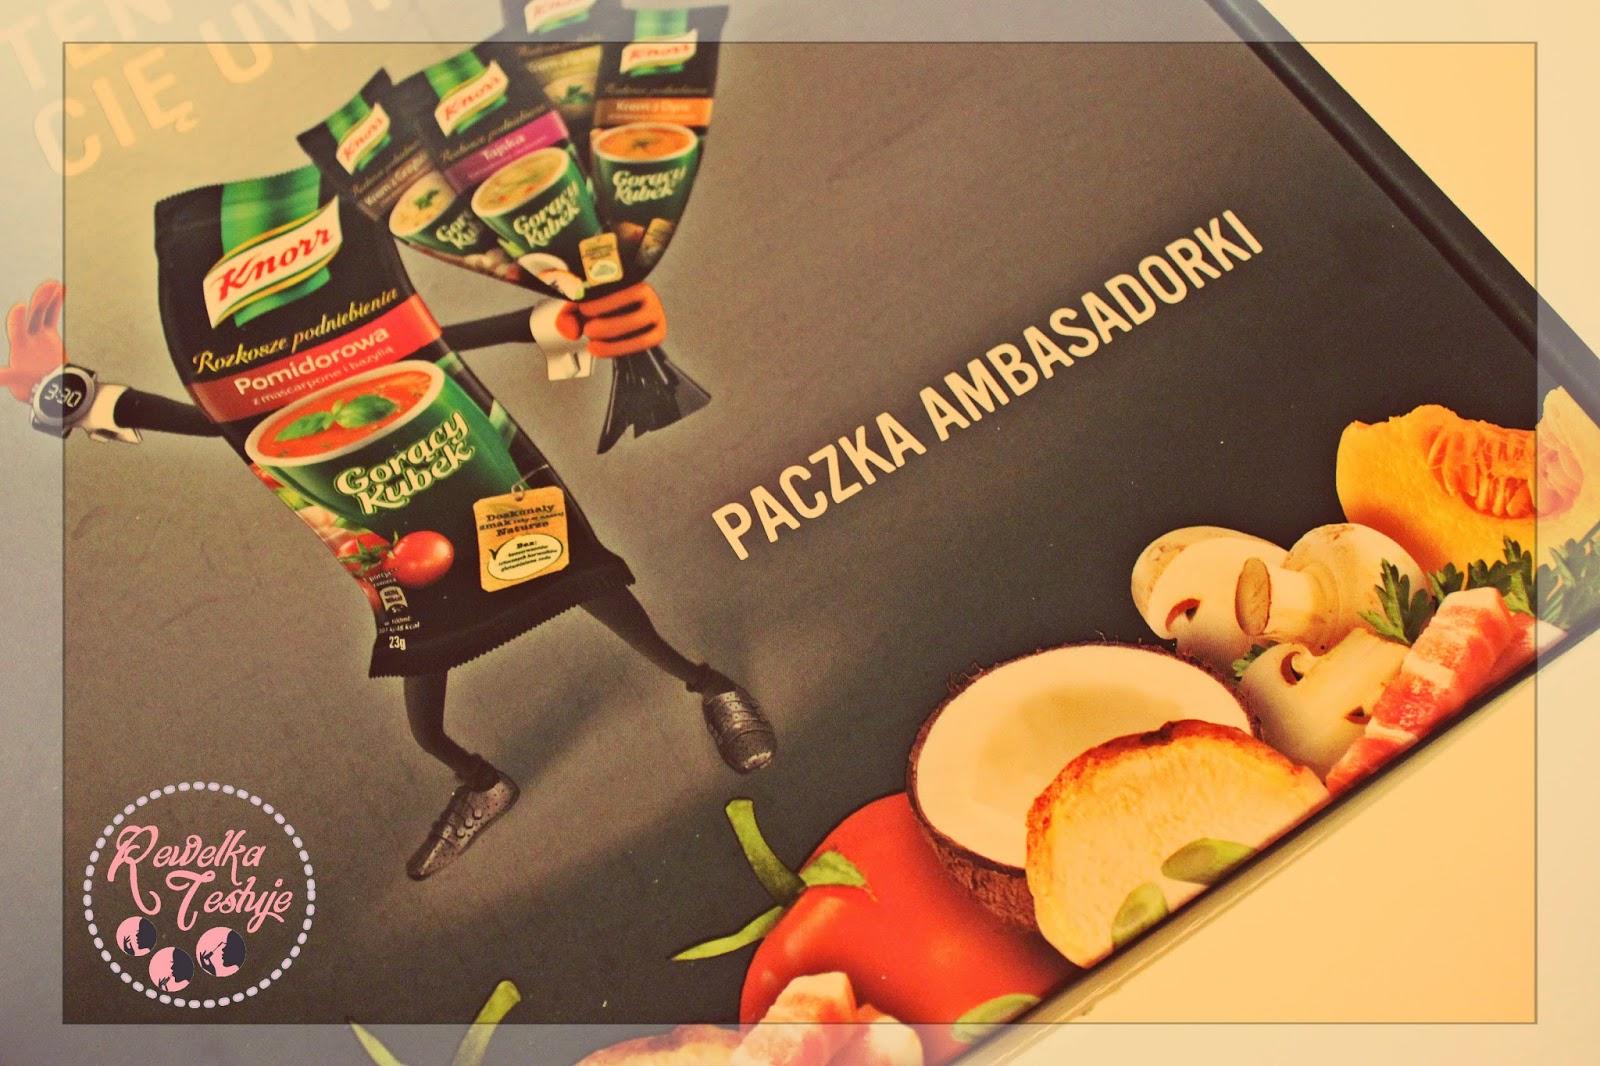 Nowa smakowita kampania Ambasady Trendów - tym razem rozkosz dla naszego podniebienia z Knorrem